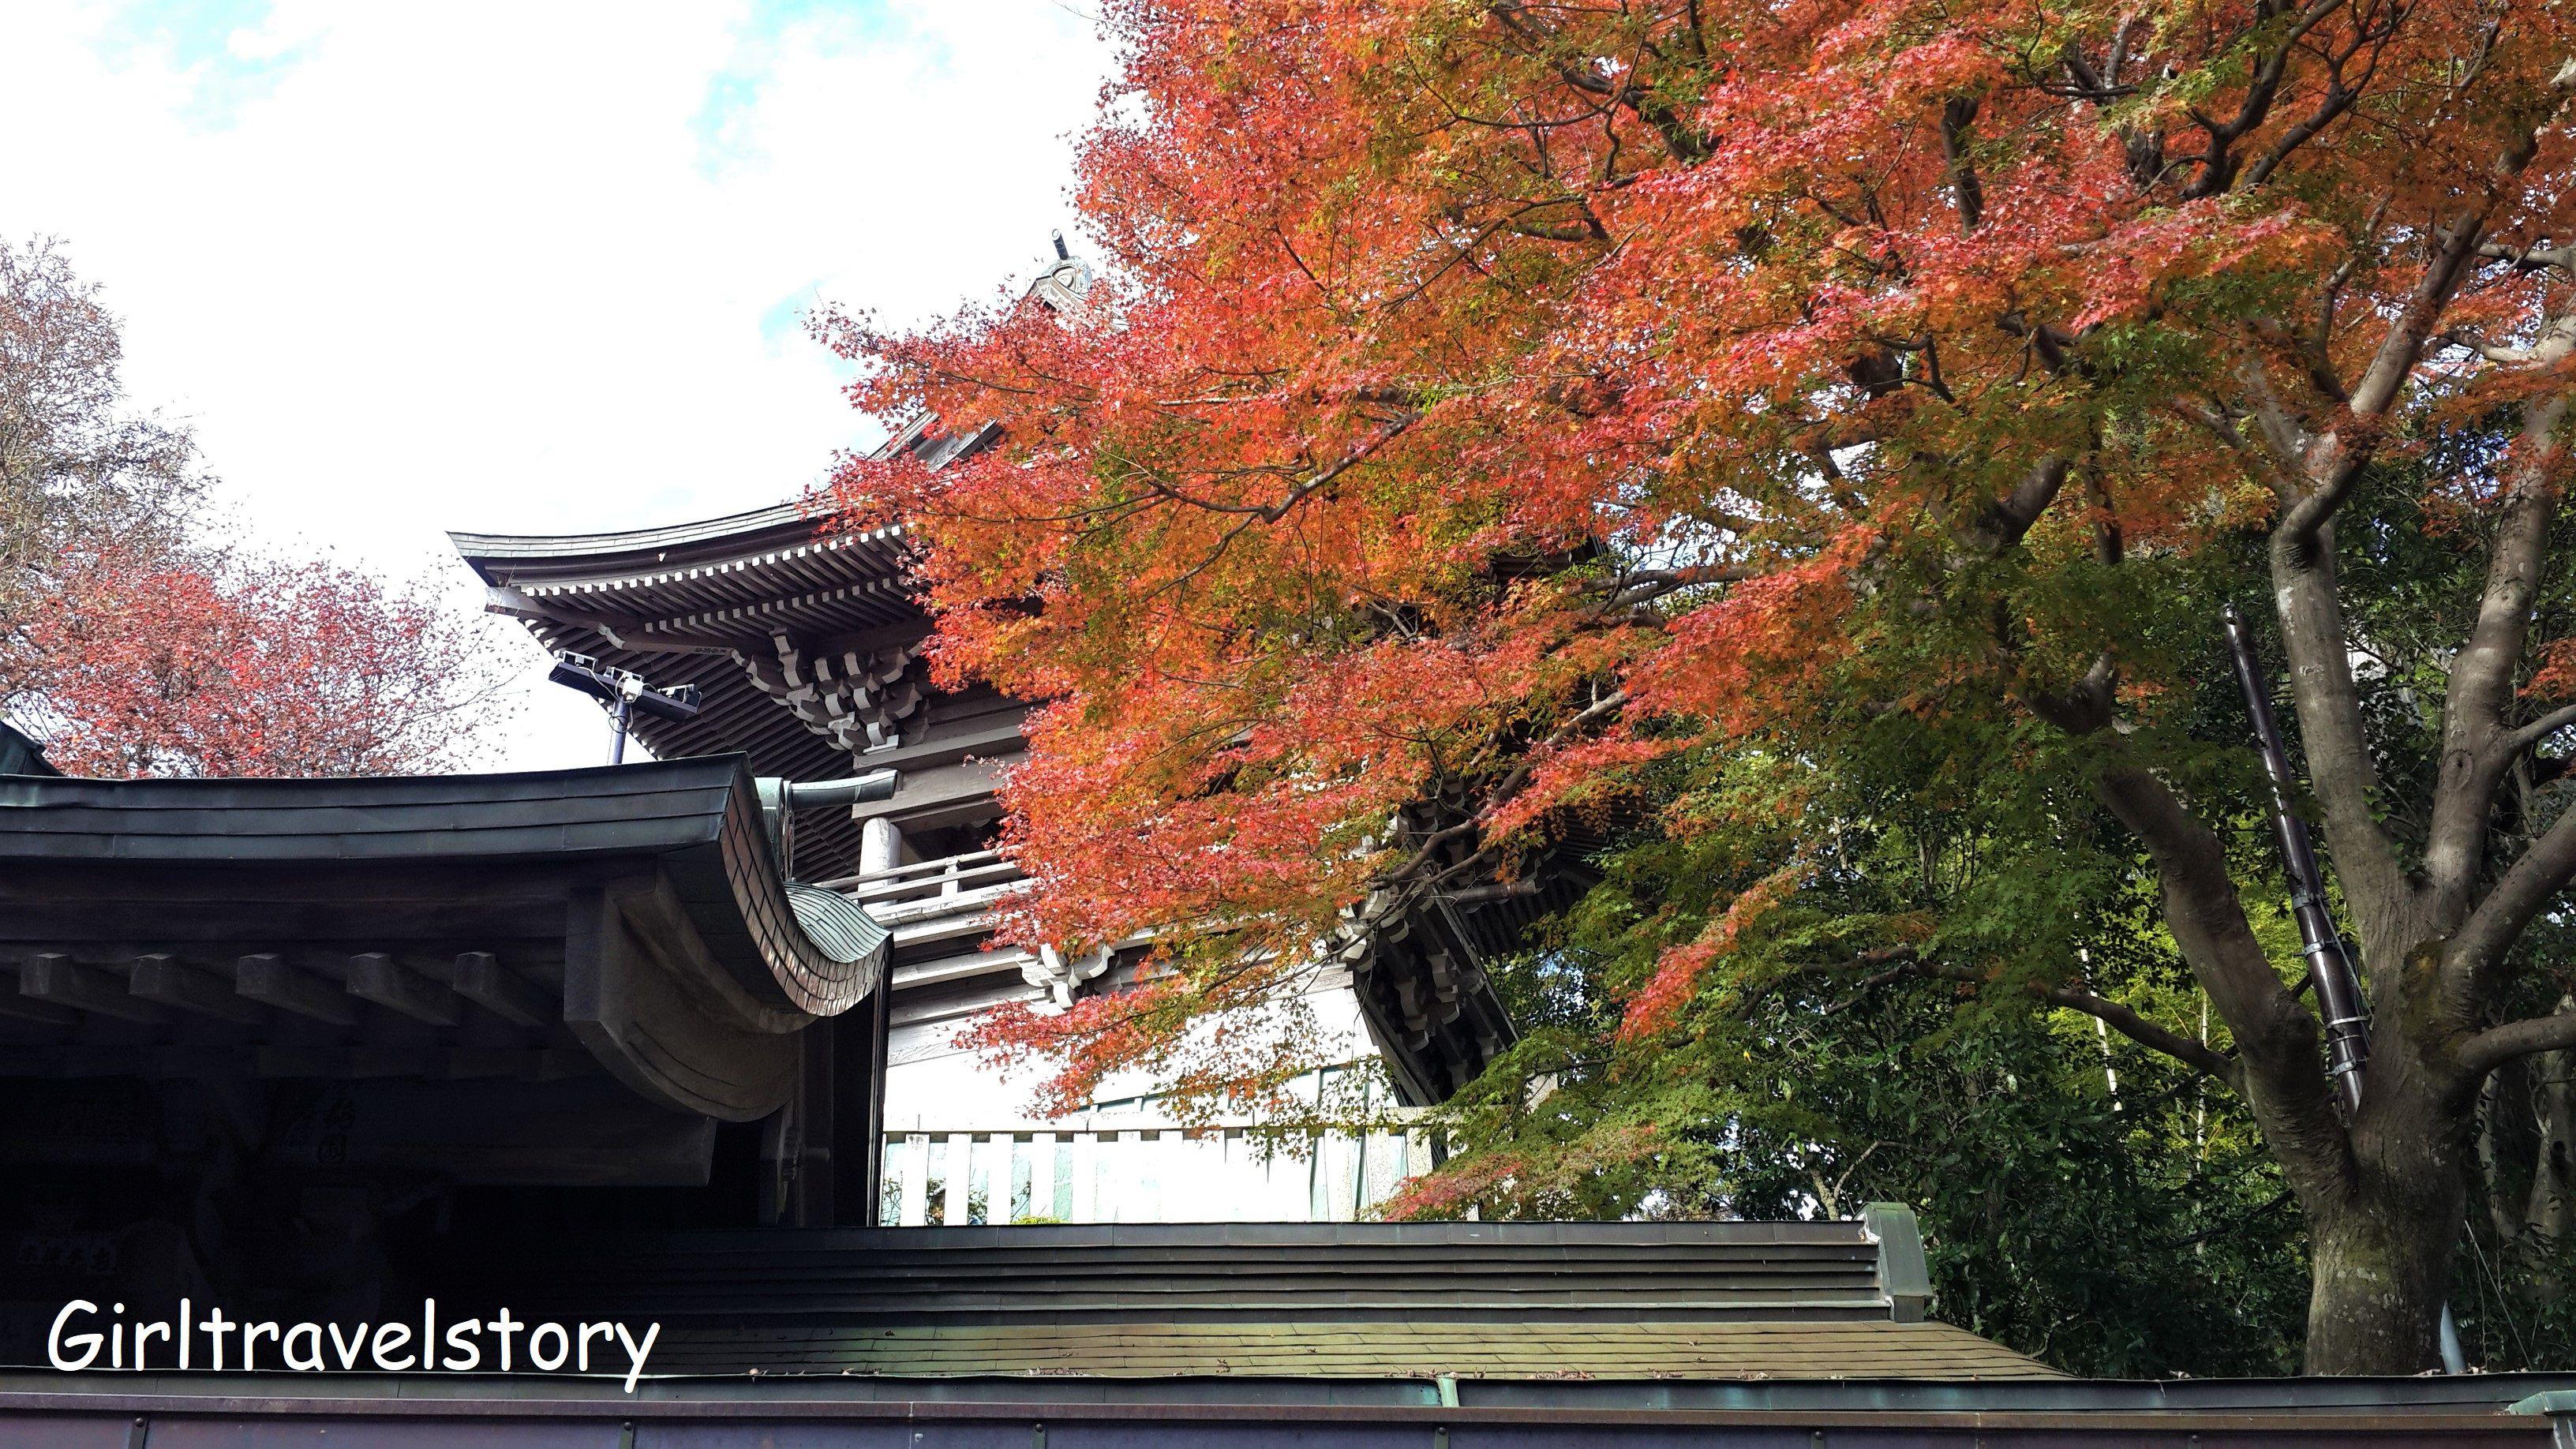 ชมใบไม้เปลี่ยนสี ที่ Mt.Takao